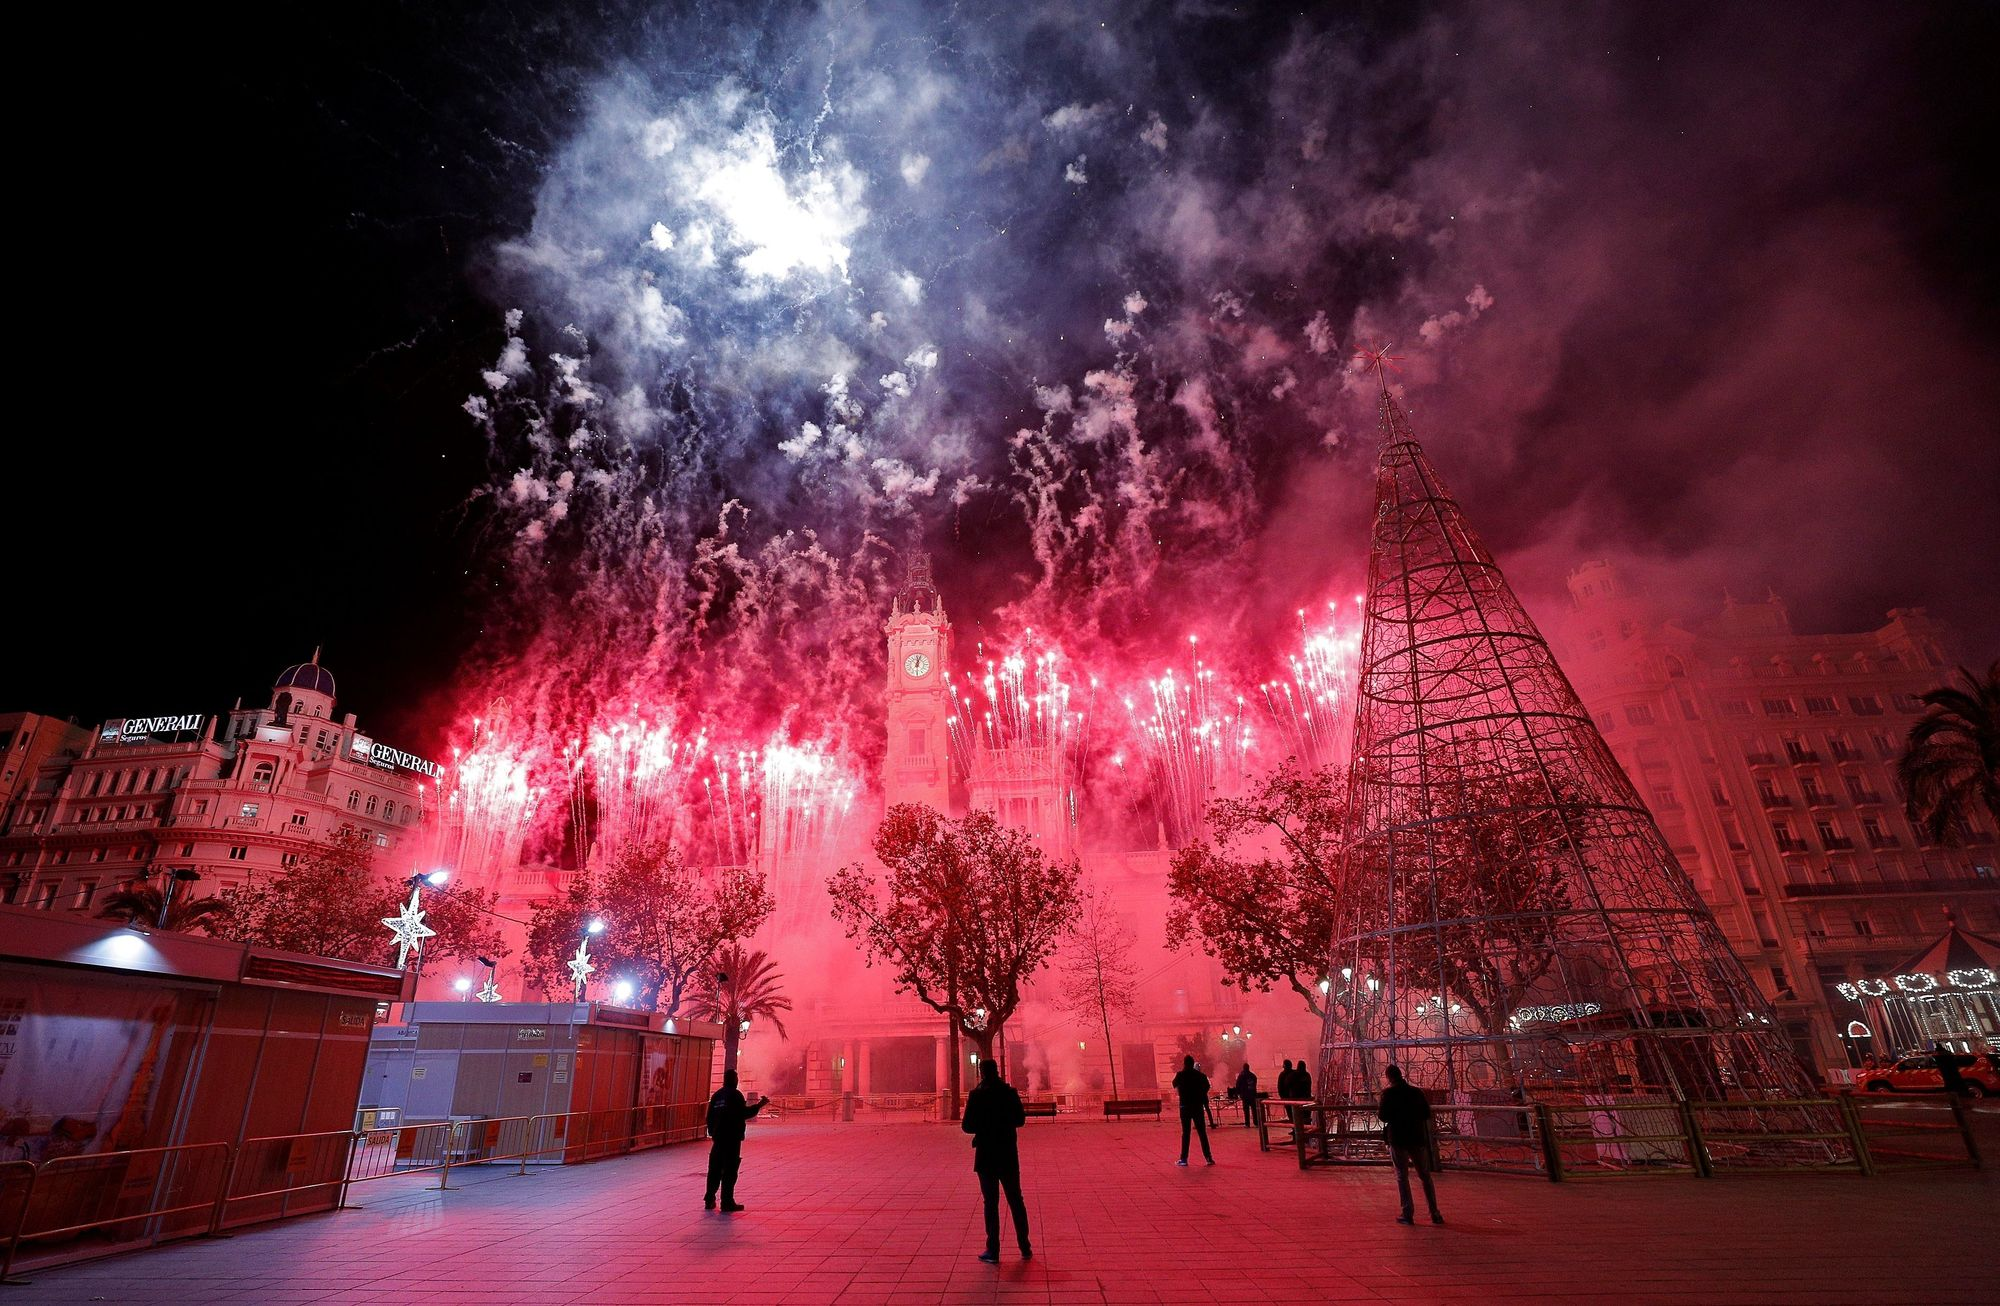 Castillo de fuegos artificiales en la Plaza del Ayuntamiento de València